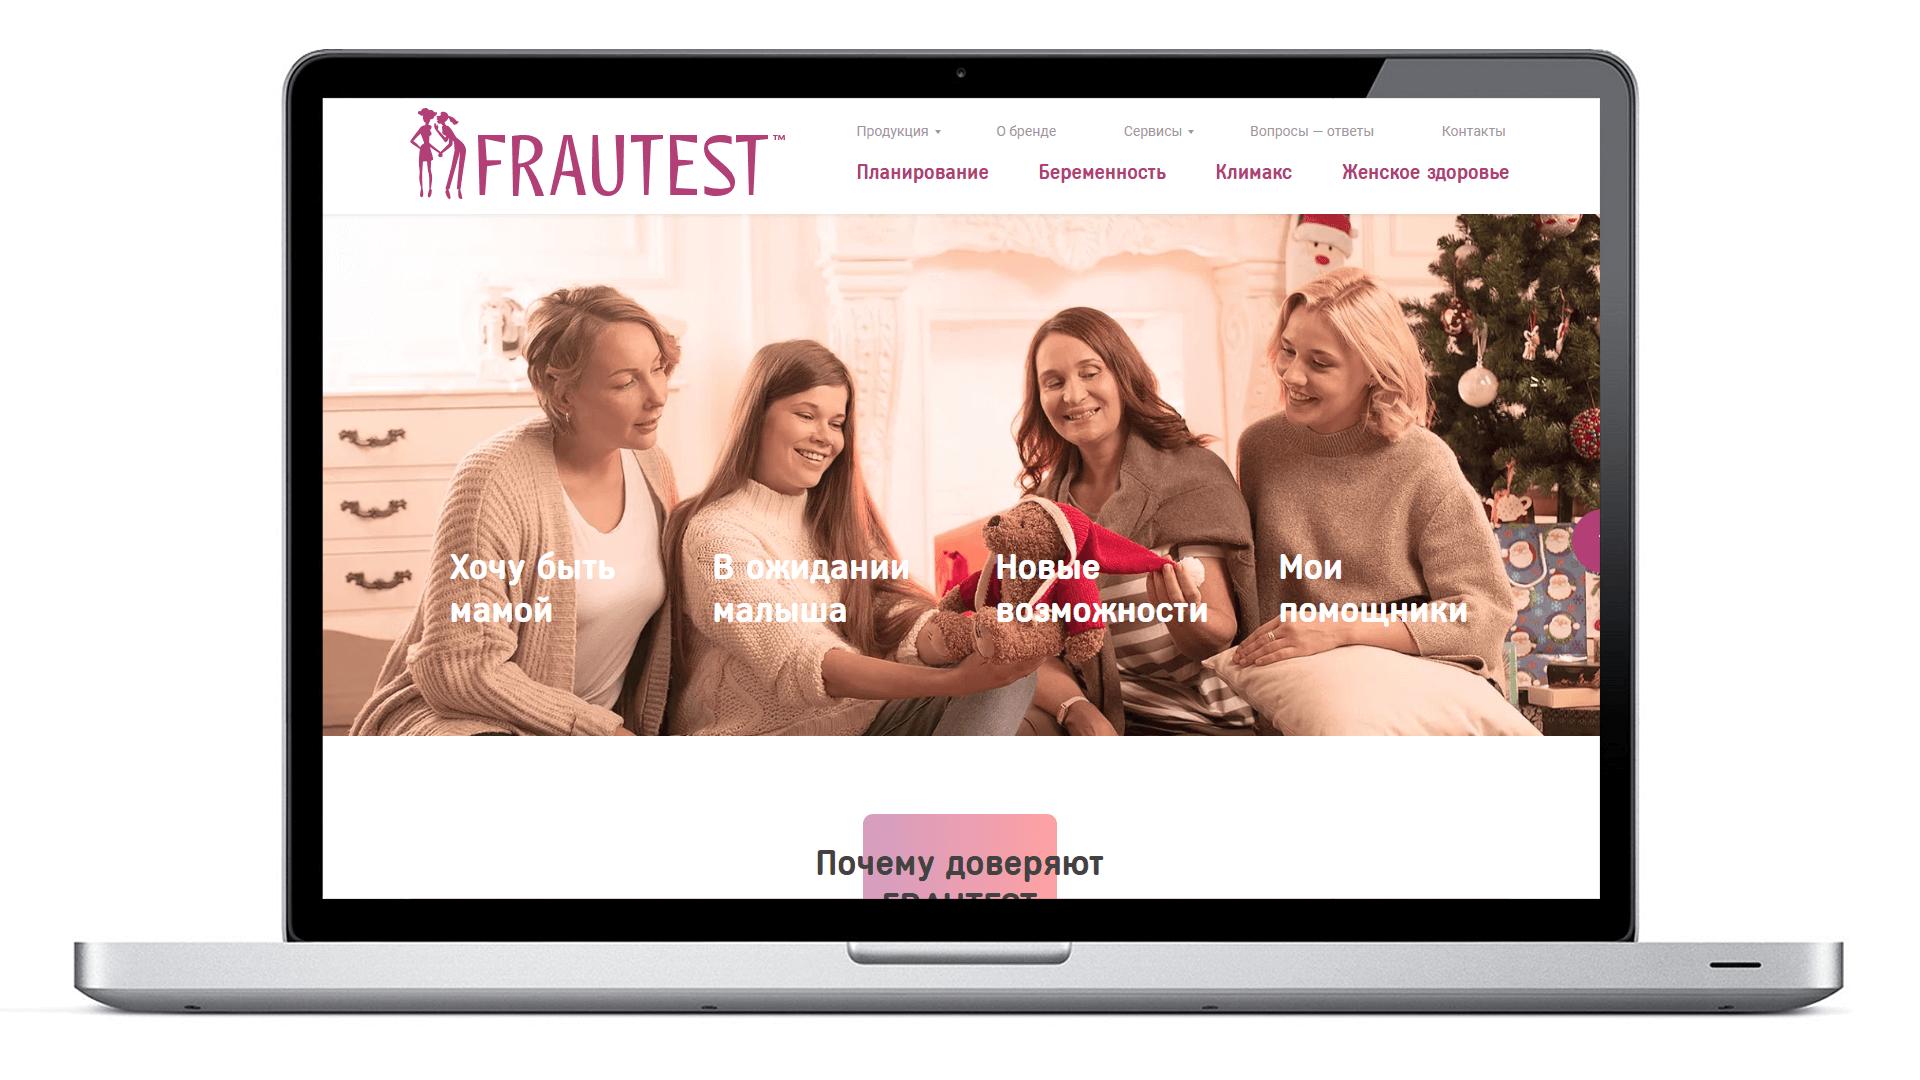 <p>FRAUTEST&nbsp;&mdash; лидер рынка среди тестов быстрой диагностики для женщин. Но&nbsp;не&nbsp;каждая покупательница знает, что ассортимент бренда шире, чем просто тесты на&nbsp;беременность.</p>